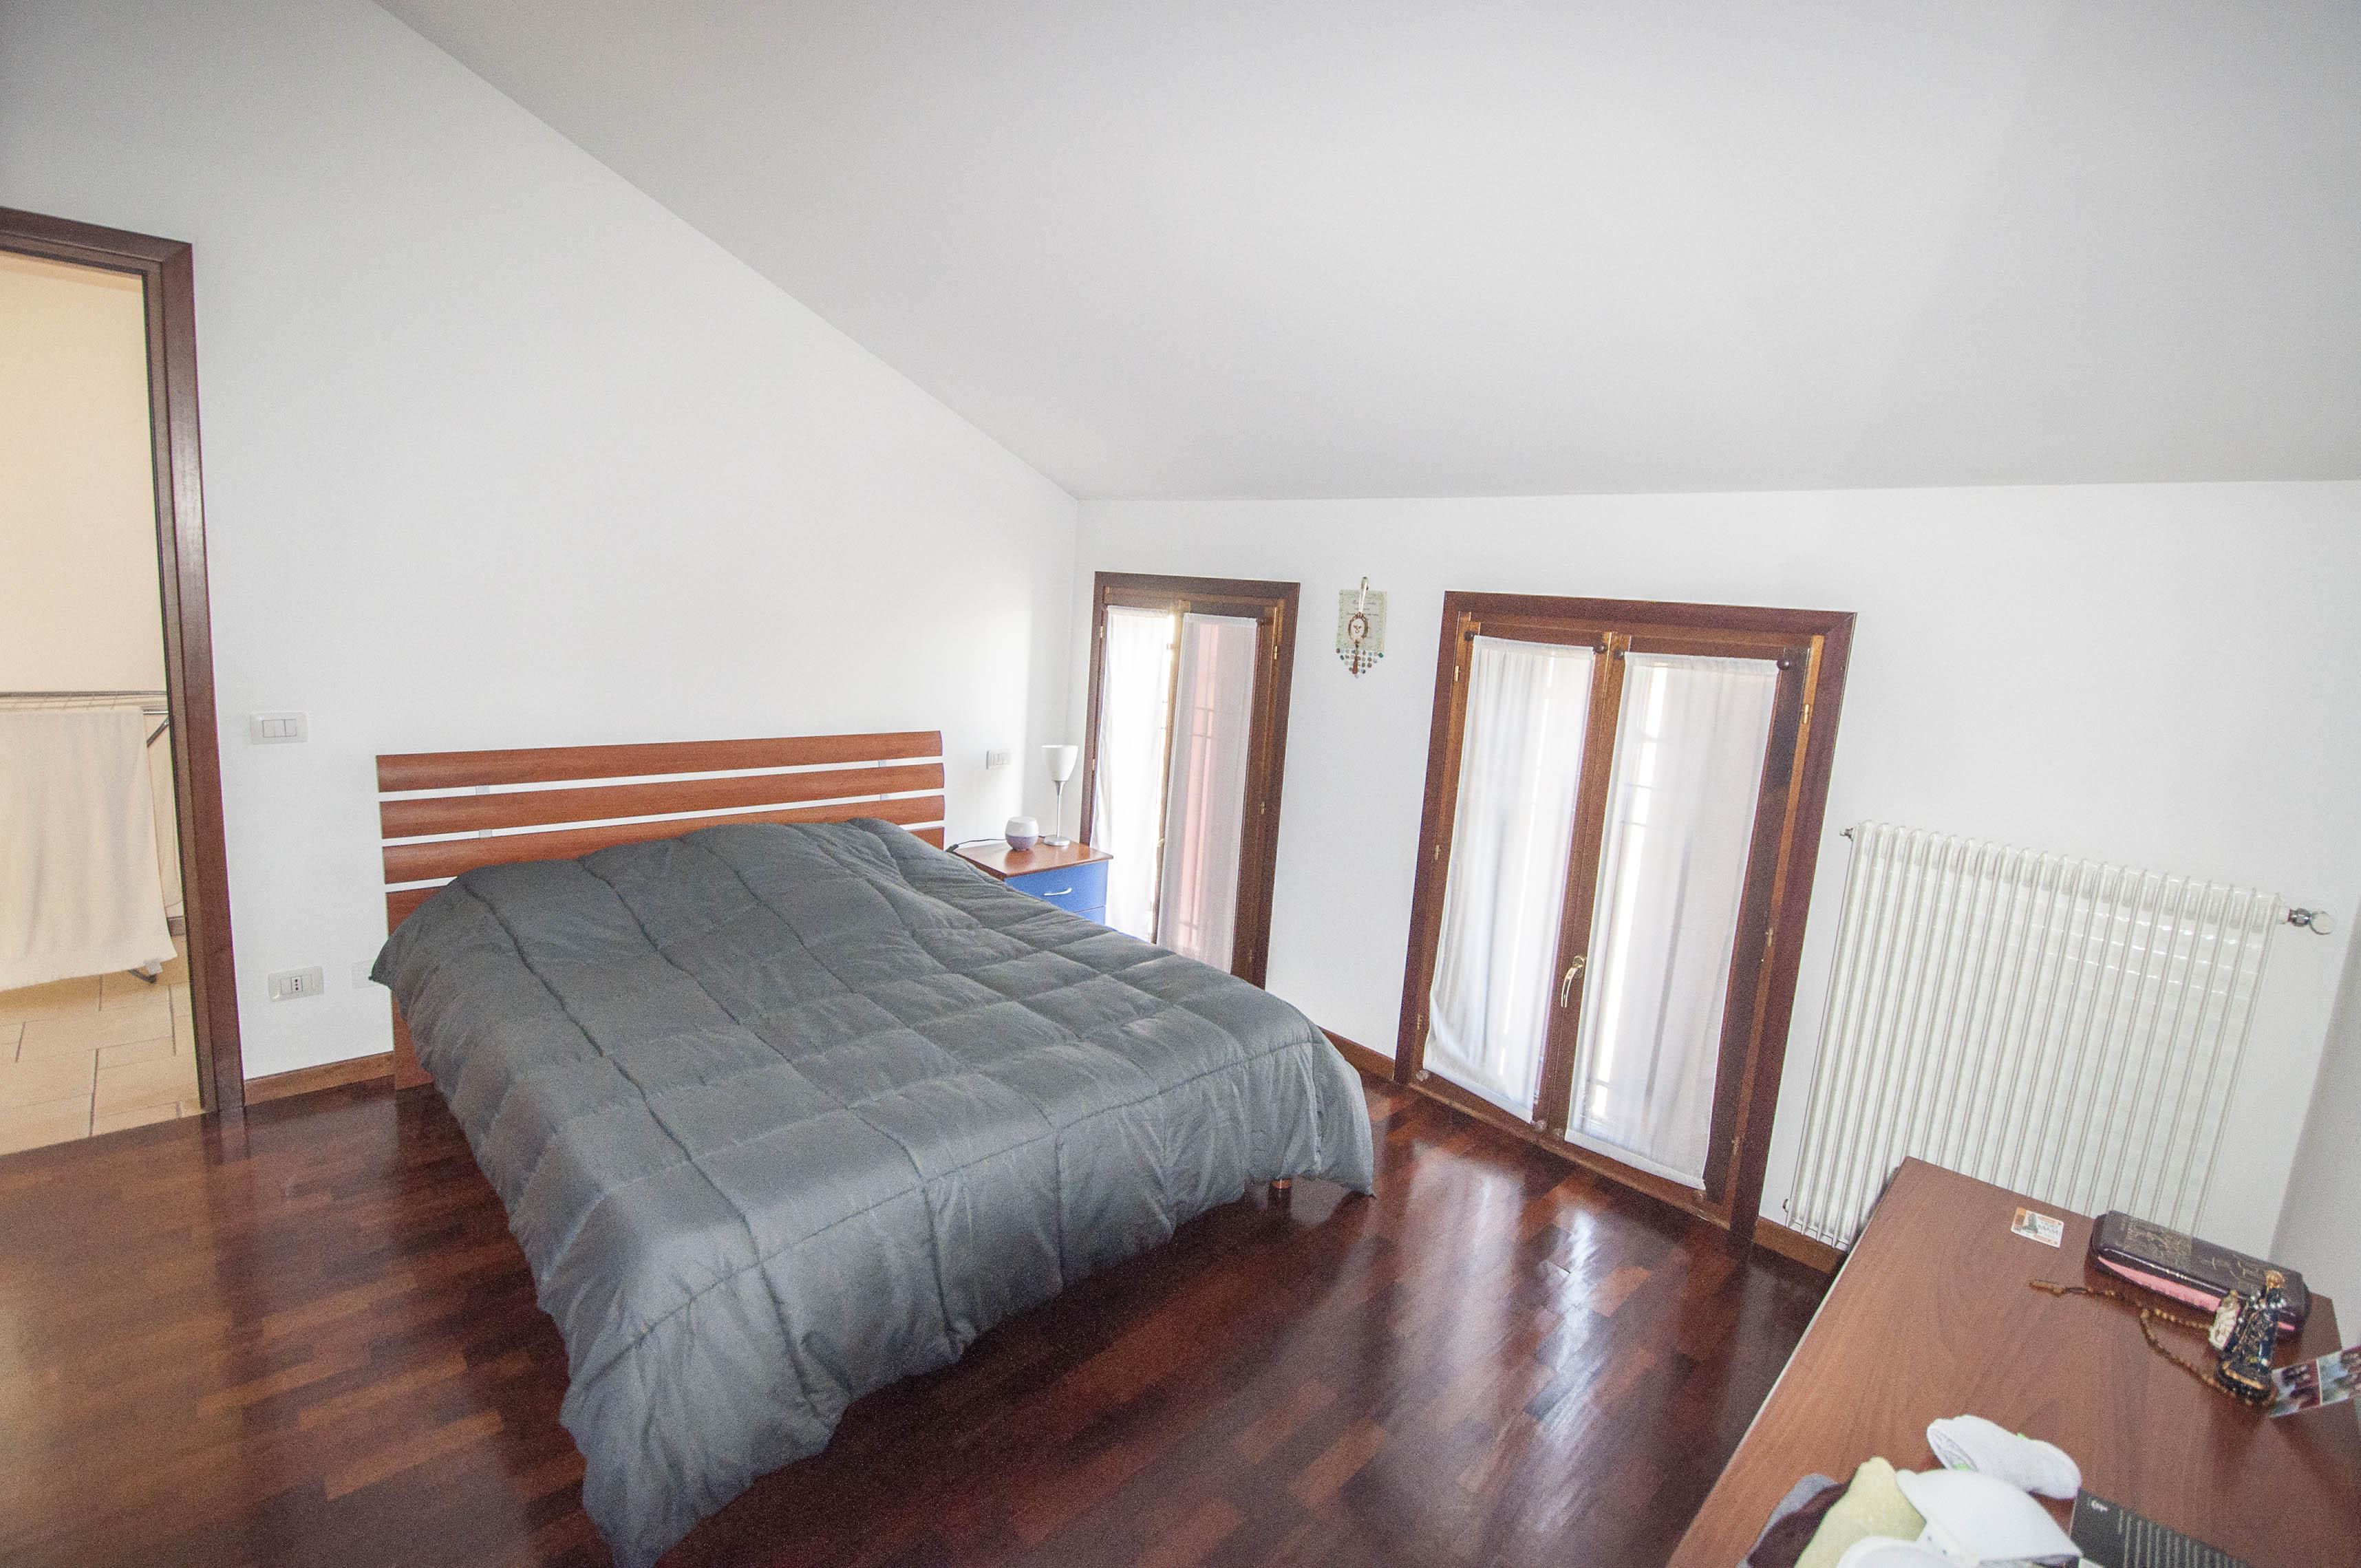 Camere-in-affitto-Villorba-Treviso-Ospedale-Stazione-Studio-Architettura-Zanatta_03